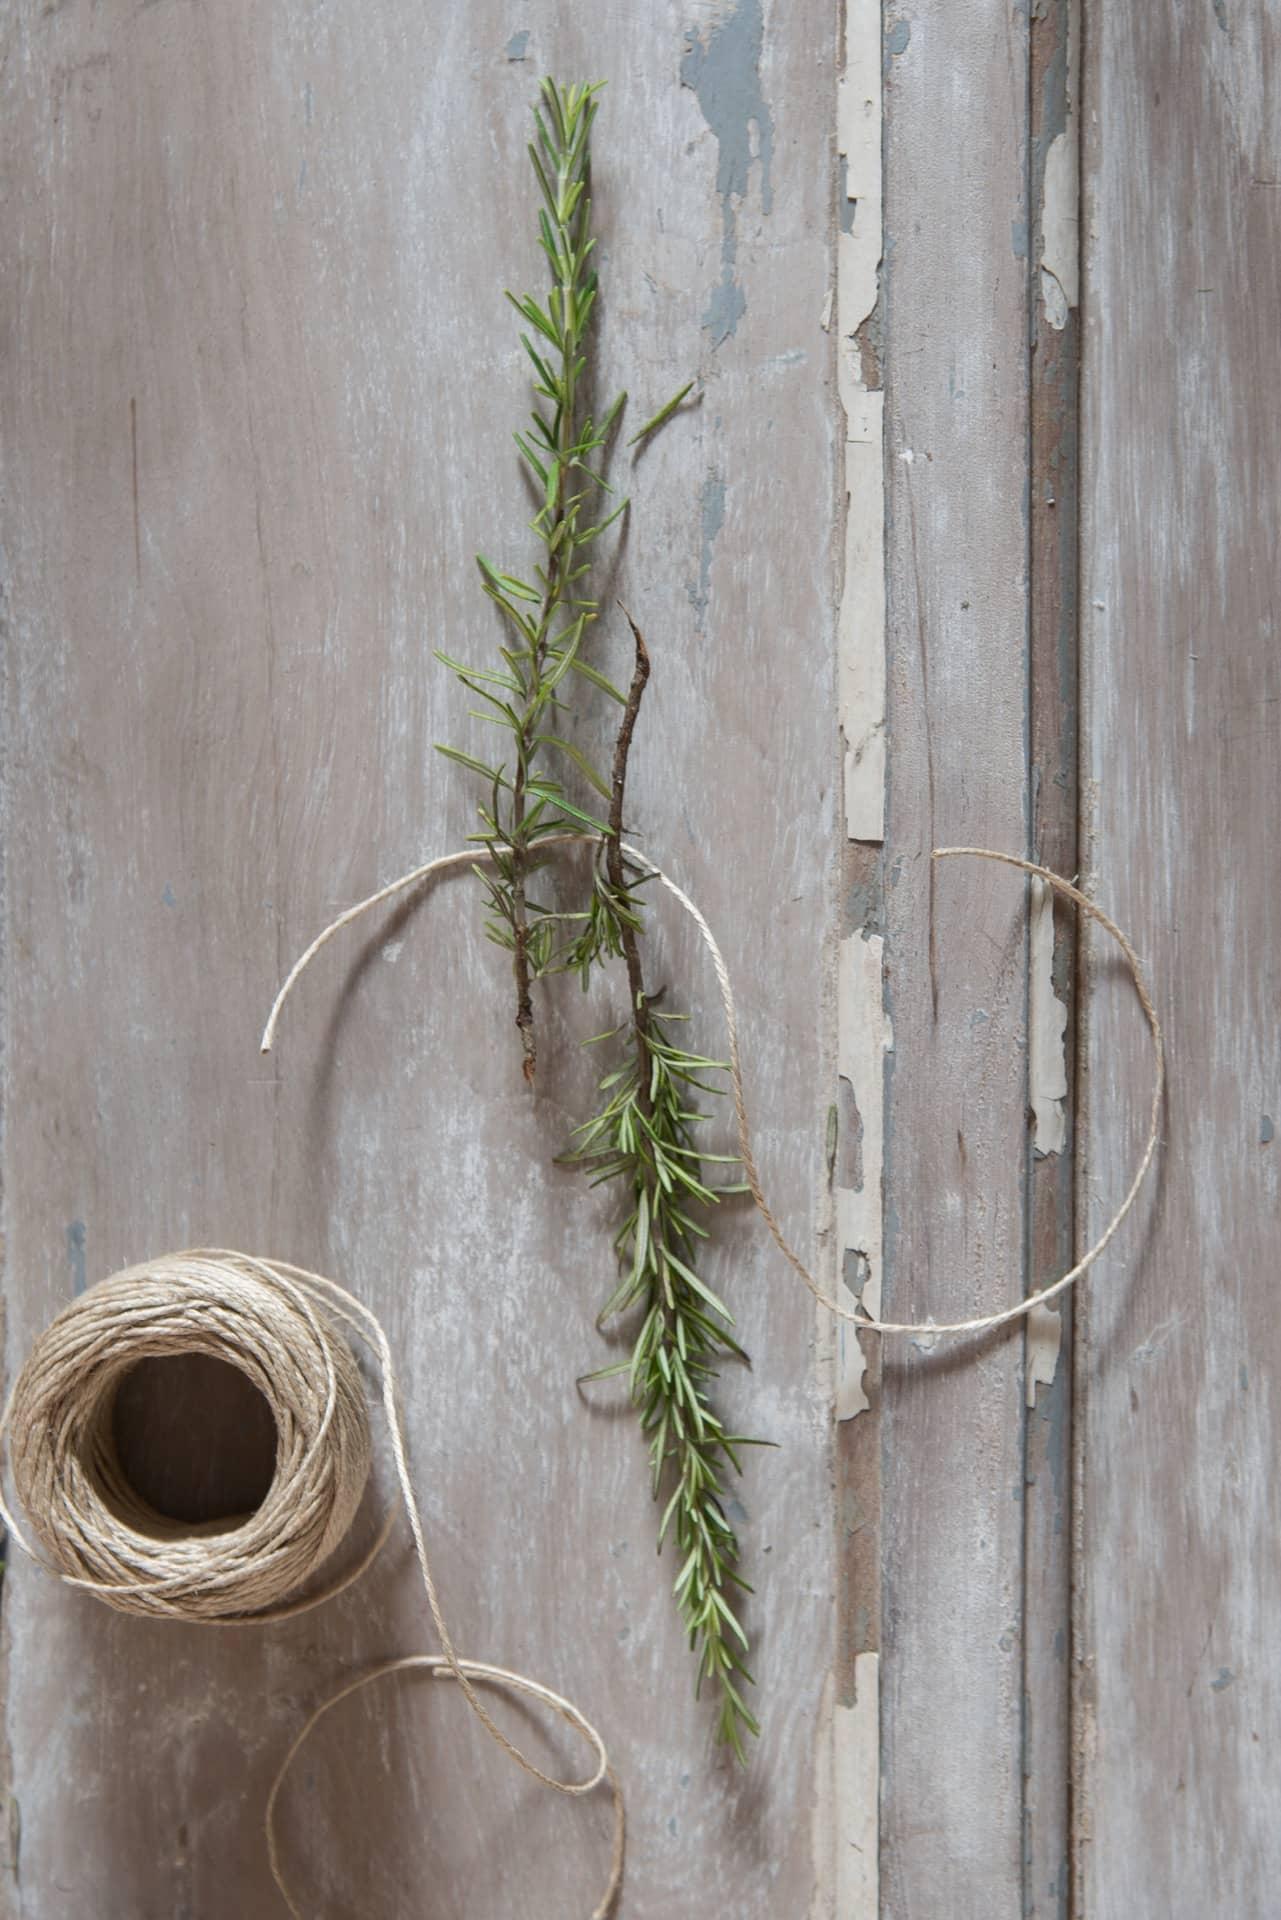 Imagem: Passo 1: junte dois ramos de alecrim pela parte mais grossa do galho. Foto: Cacá Bratke.